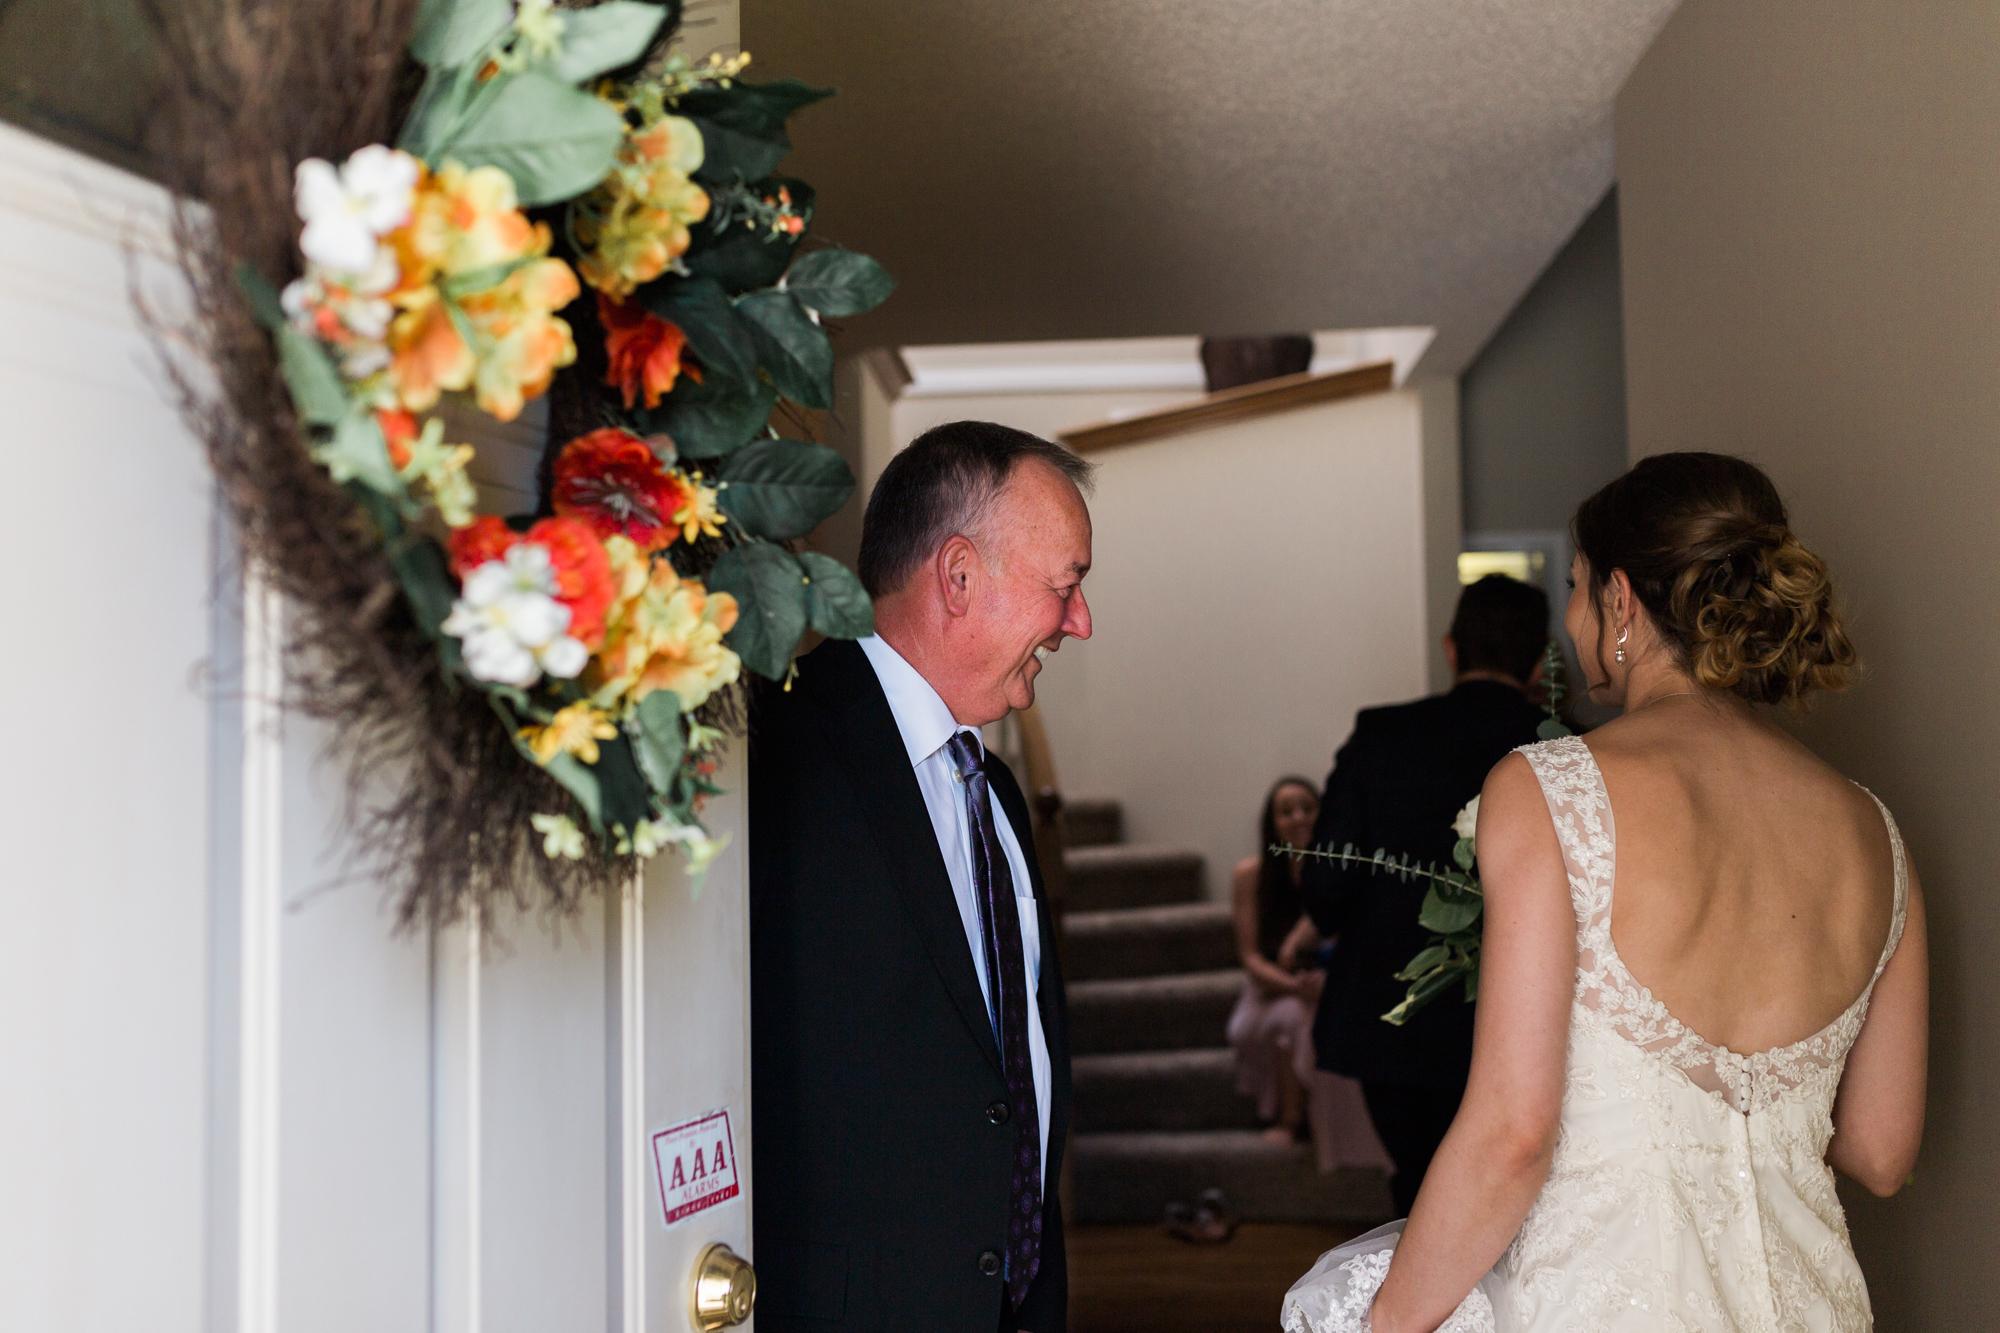 Deanna-Rachel-Photography-calgary-Wedding-photographer-jm-46.jpg